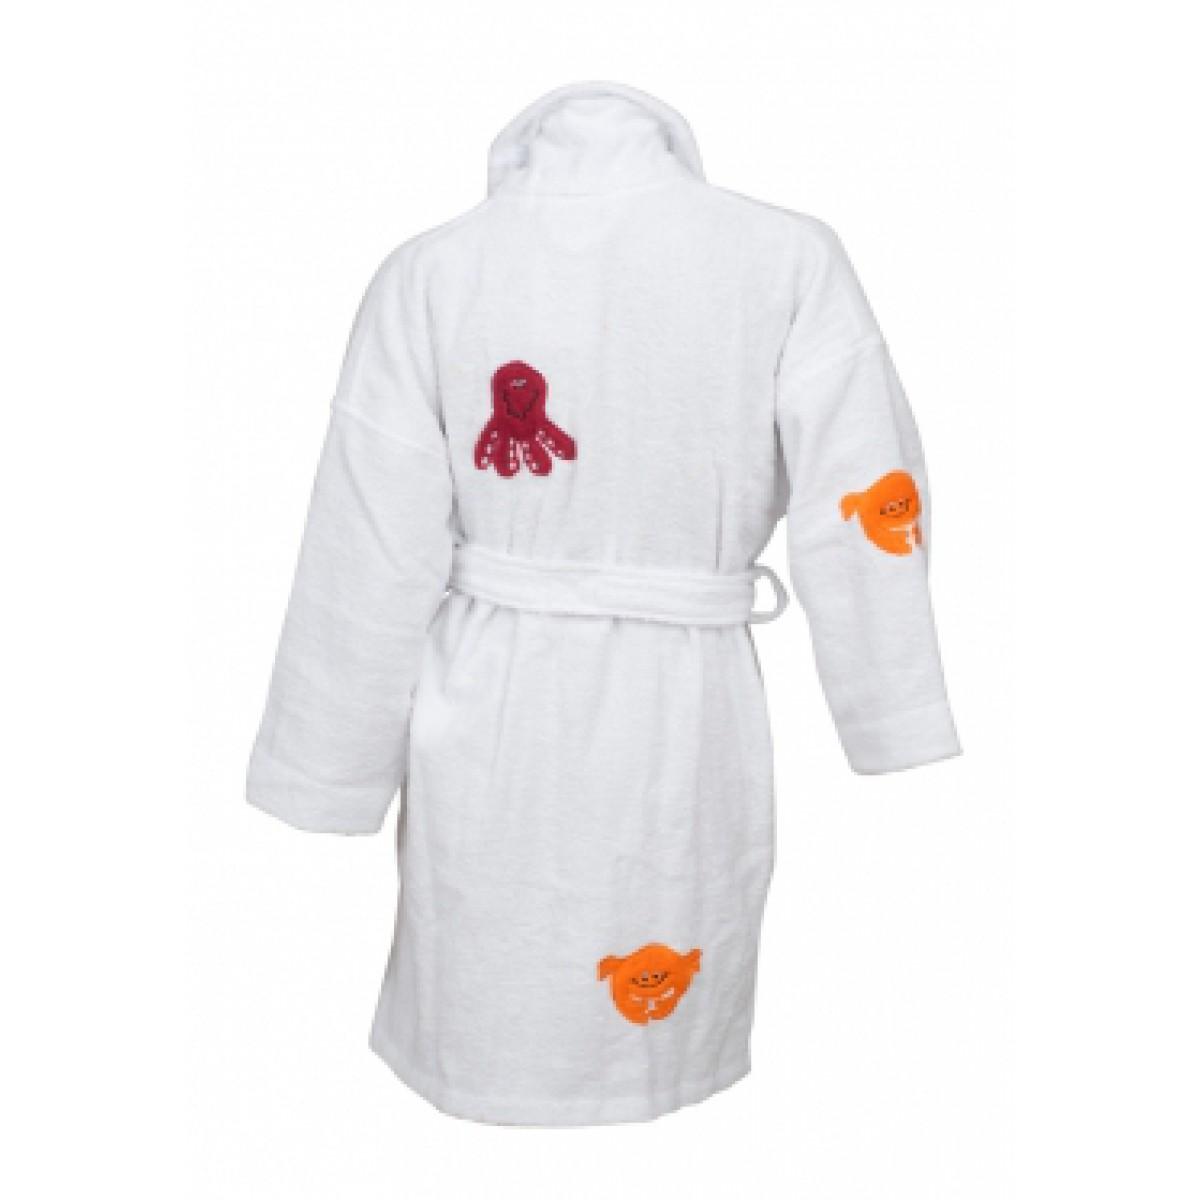 Kinderbadjas met zeedieren